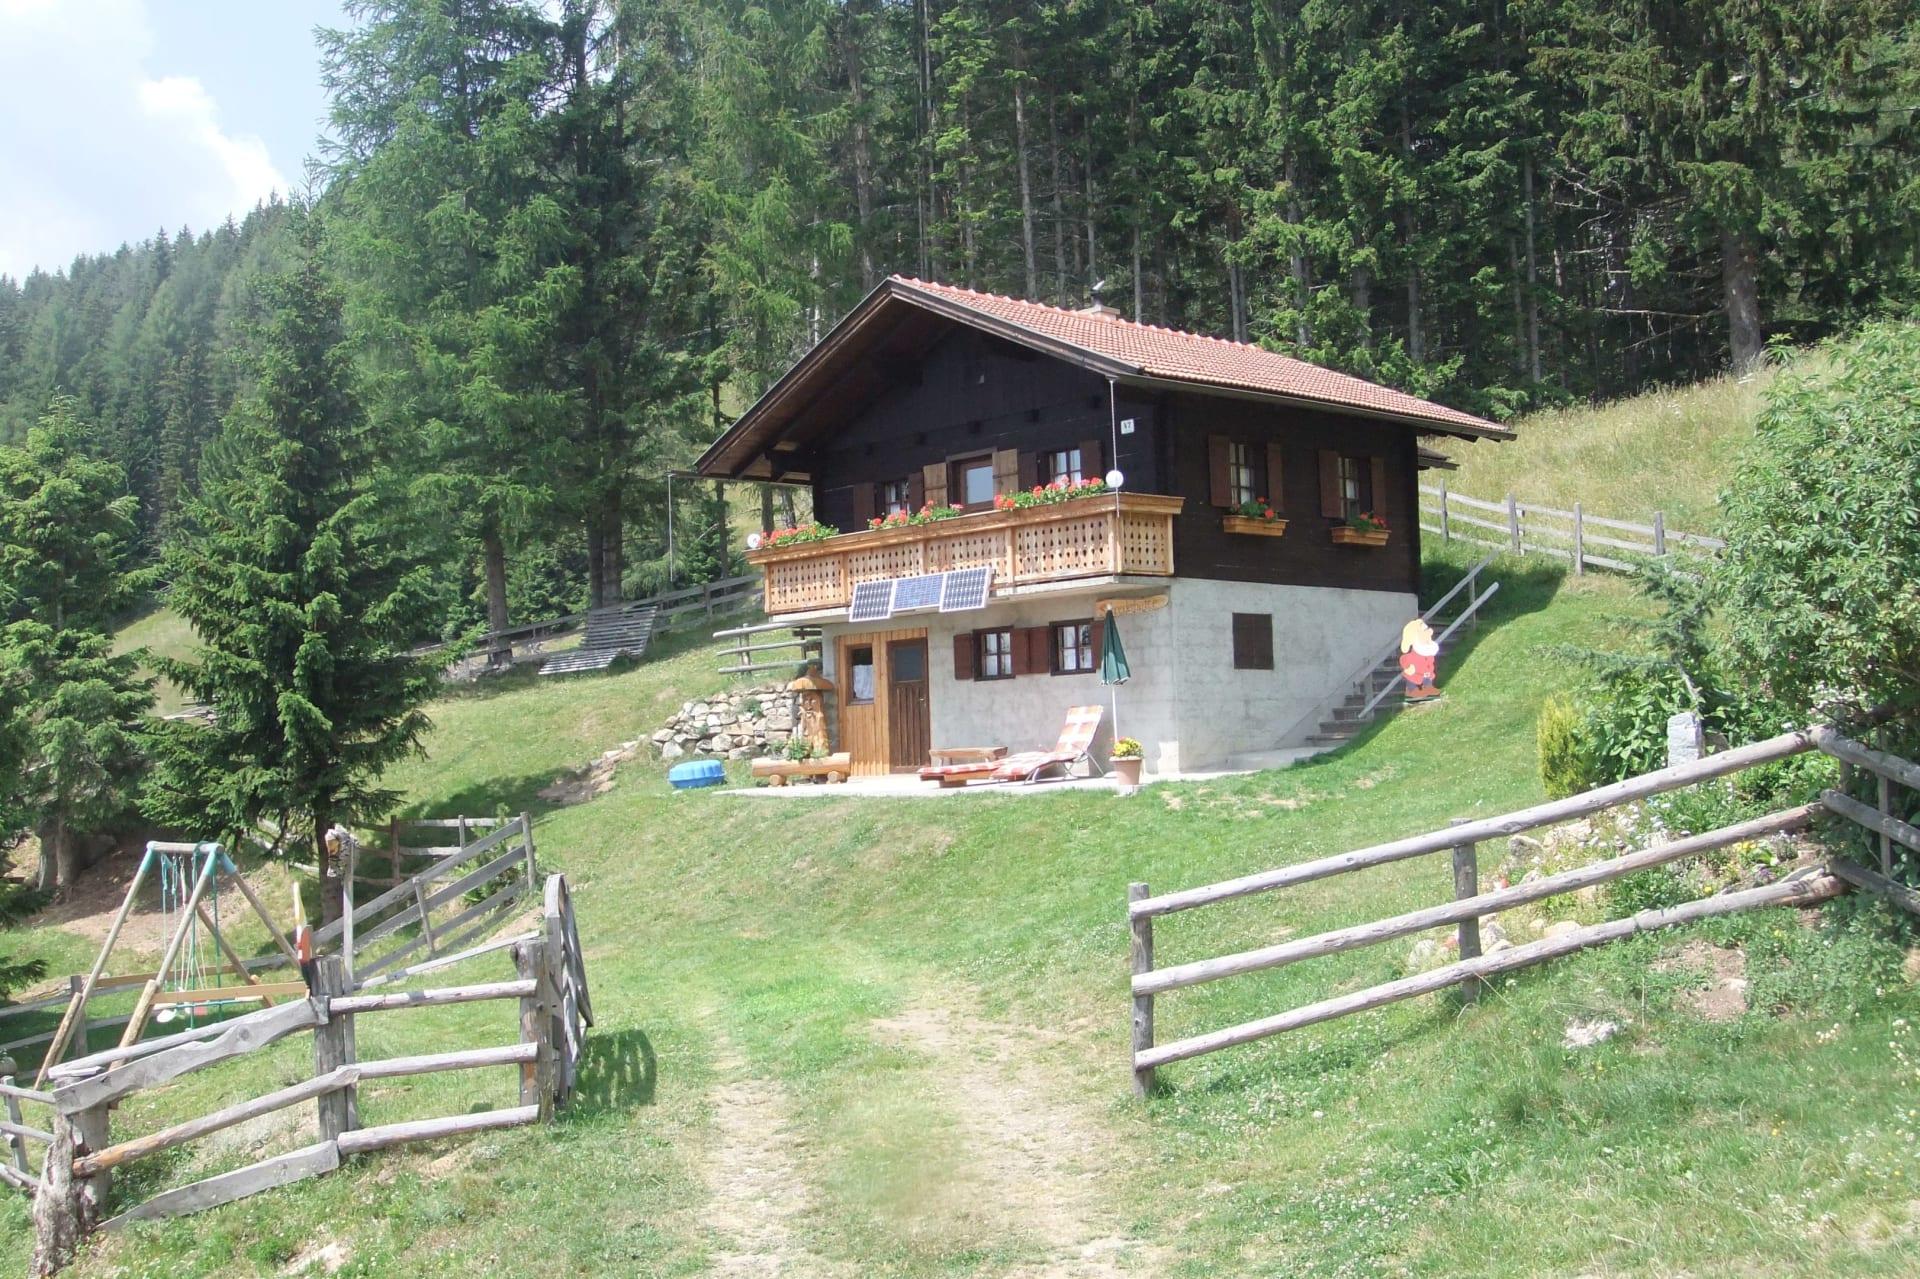 """Ausruhen, Relaxen, Entspannen und neue Energien tanken auf  der  """"Schneiderhütte"""" in den schönen Kärntner Nockbergen."""